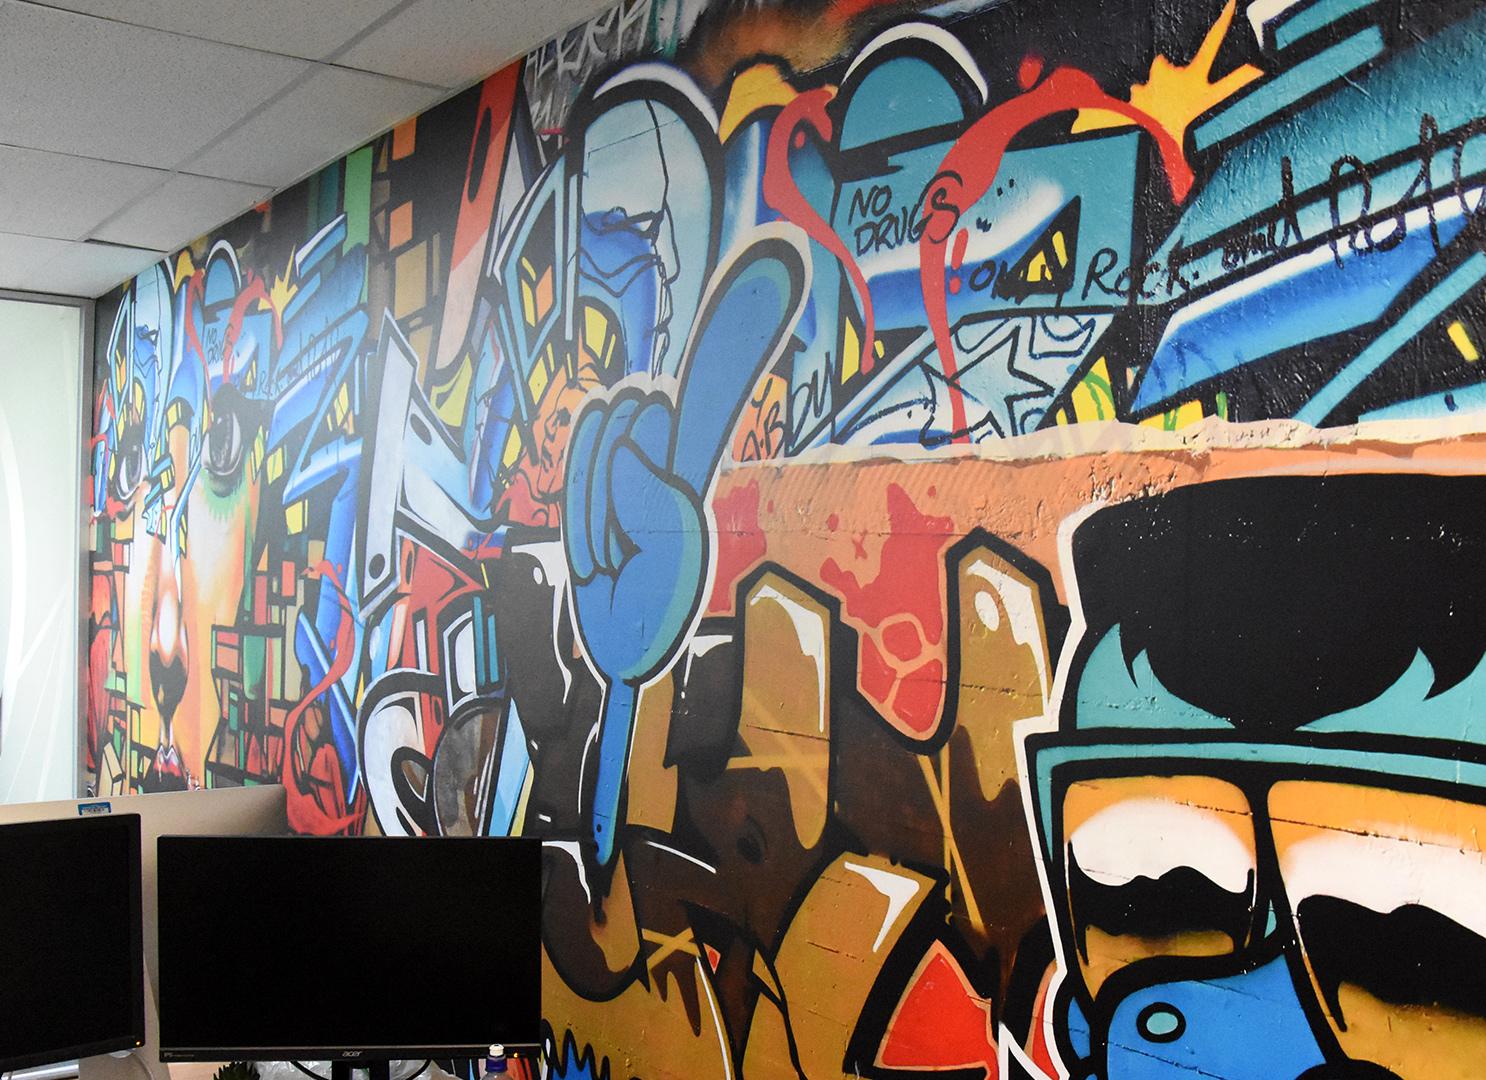 NPC-large-graffiti-wall-04.jpg